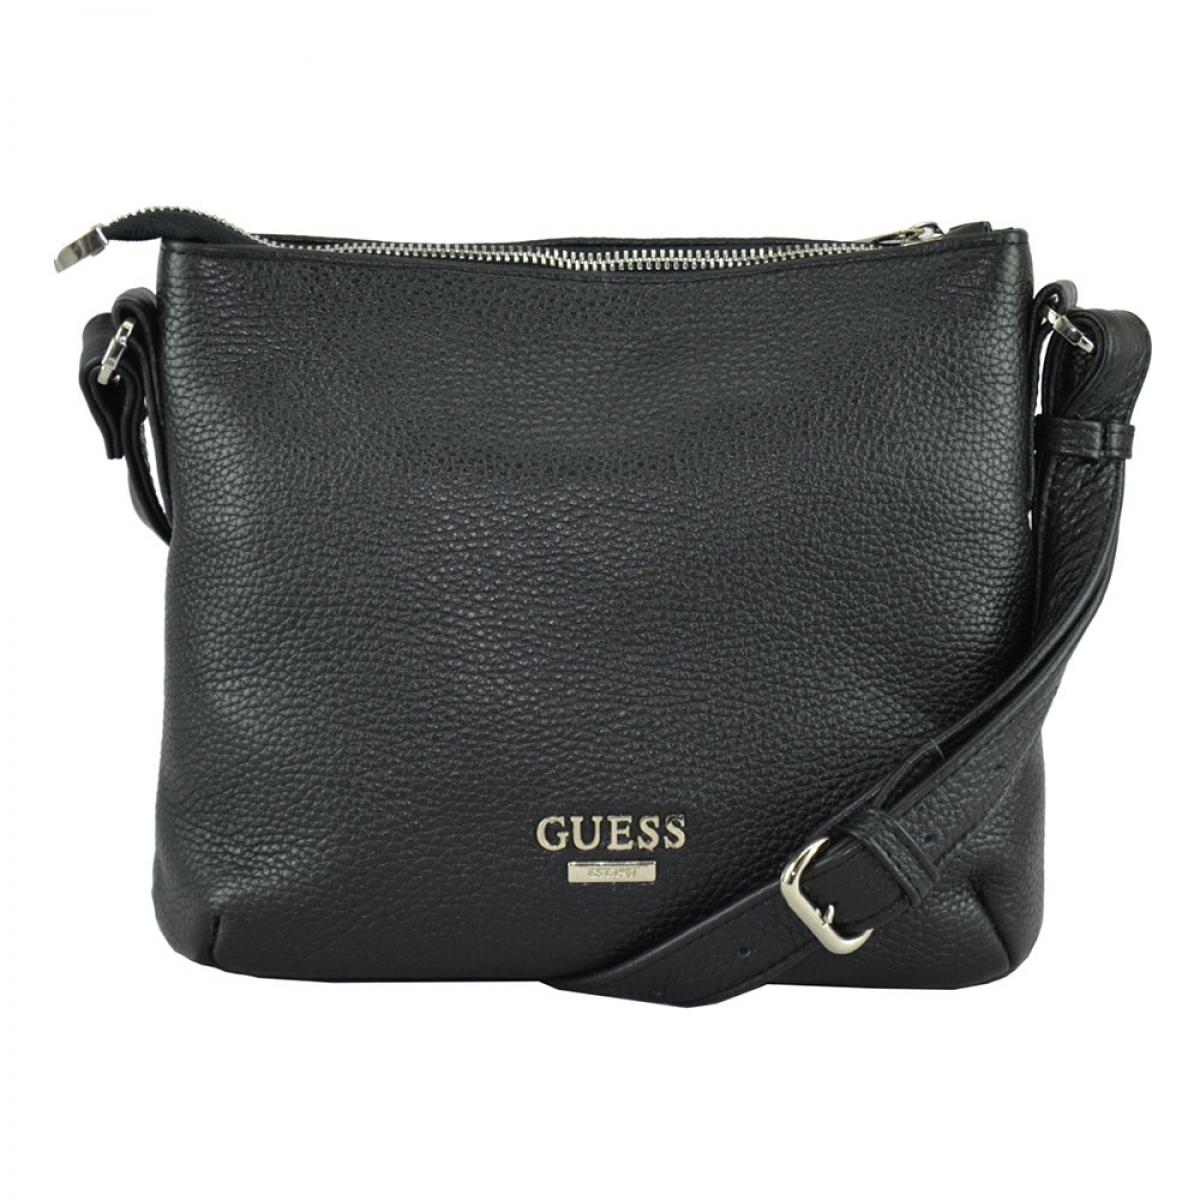 купить сумку через плечо женскую недорого москва